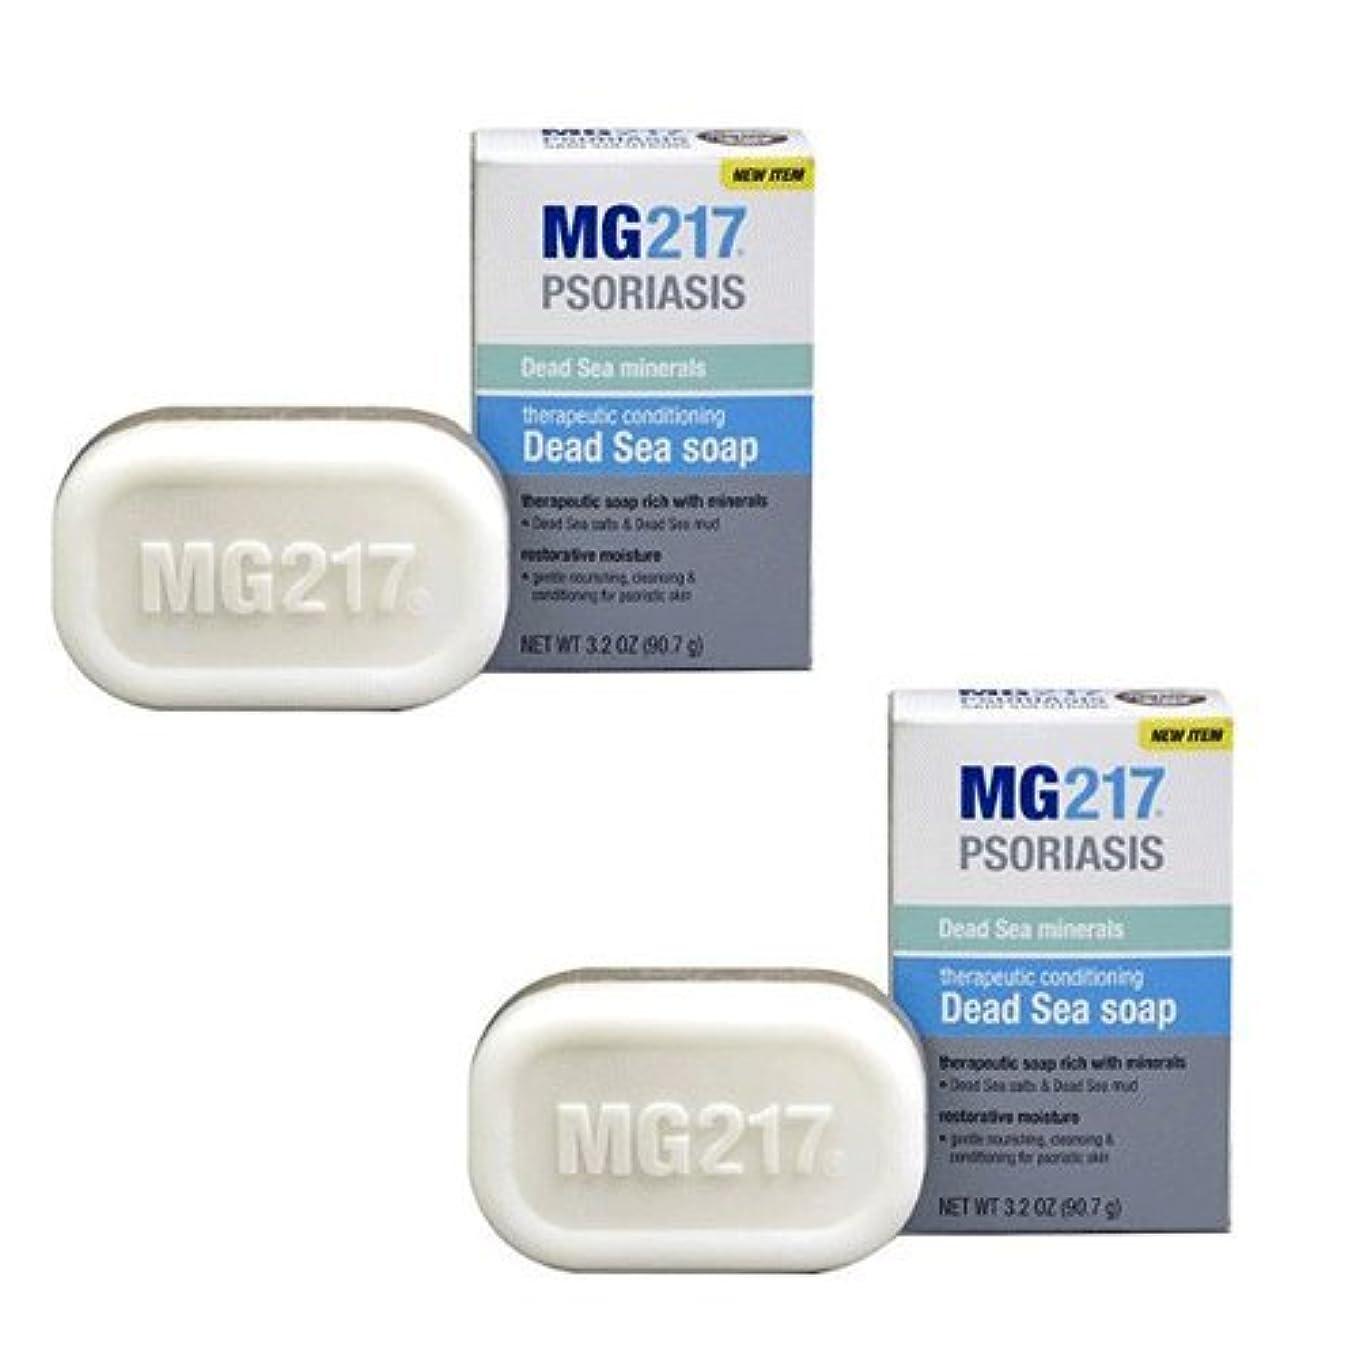 住所創始者フレッシュ2個セット 死海の泥とミネラルたっぷり MG217ソープ 90g MG217 Psoriasis Therapeutic Conditioning Dead Sea Bar Soap